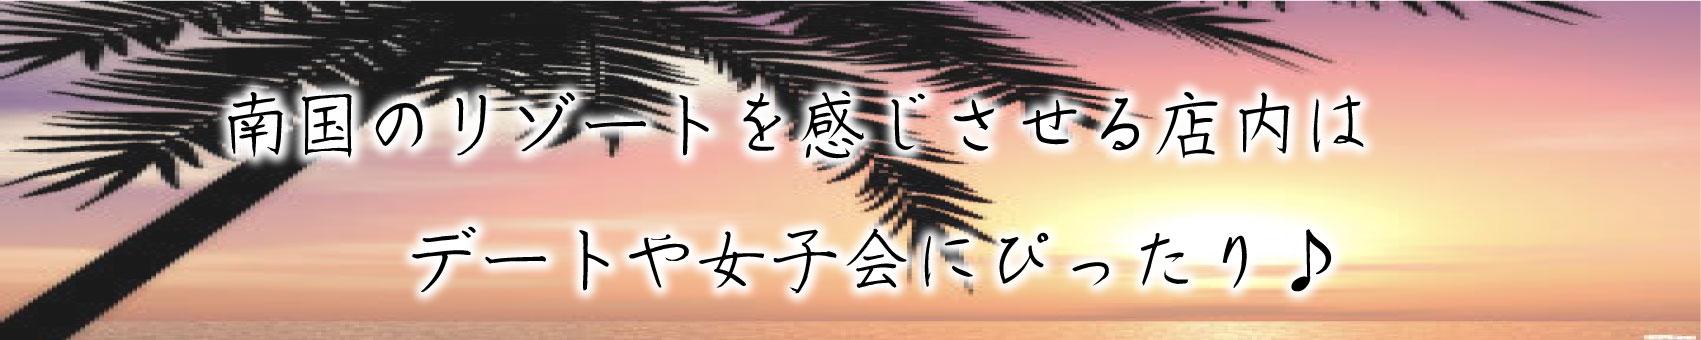 シルクバード 〒270-1337   千葉県印西市草深938-9